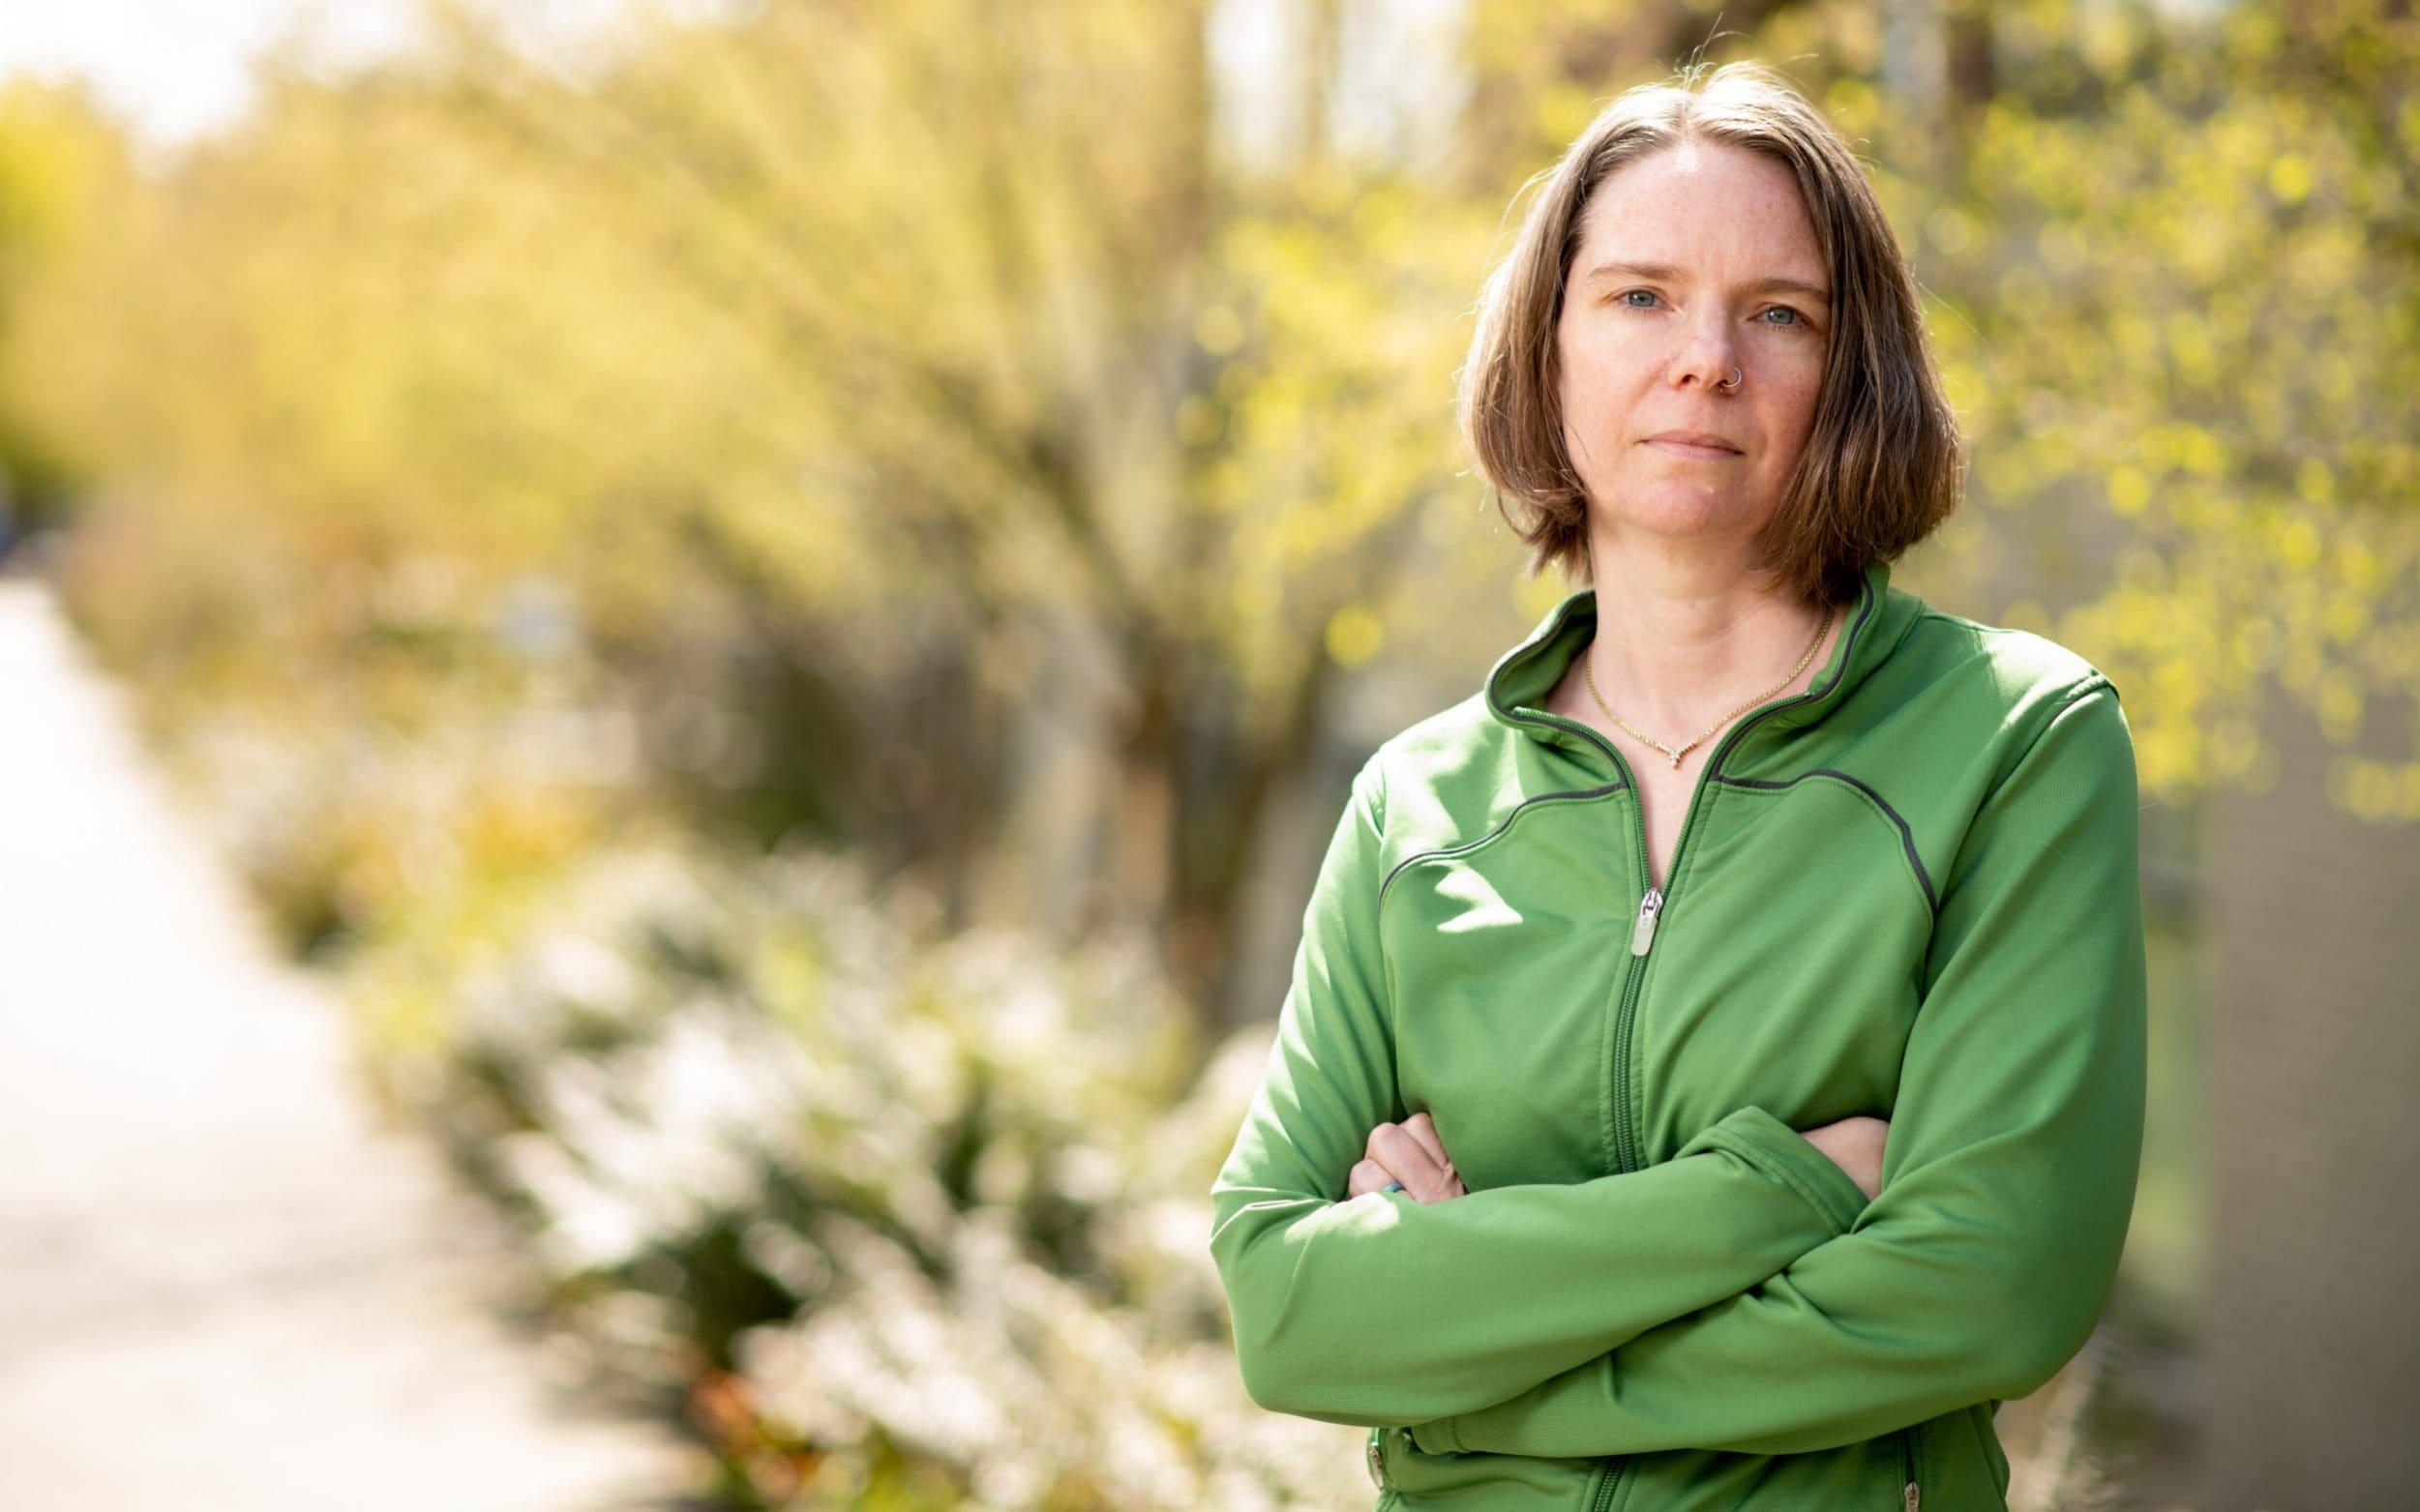 Волонтерка из Сиэтла первой в мире получила вакцину от коронавируса COVID-19